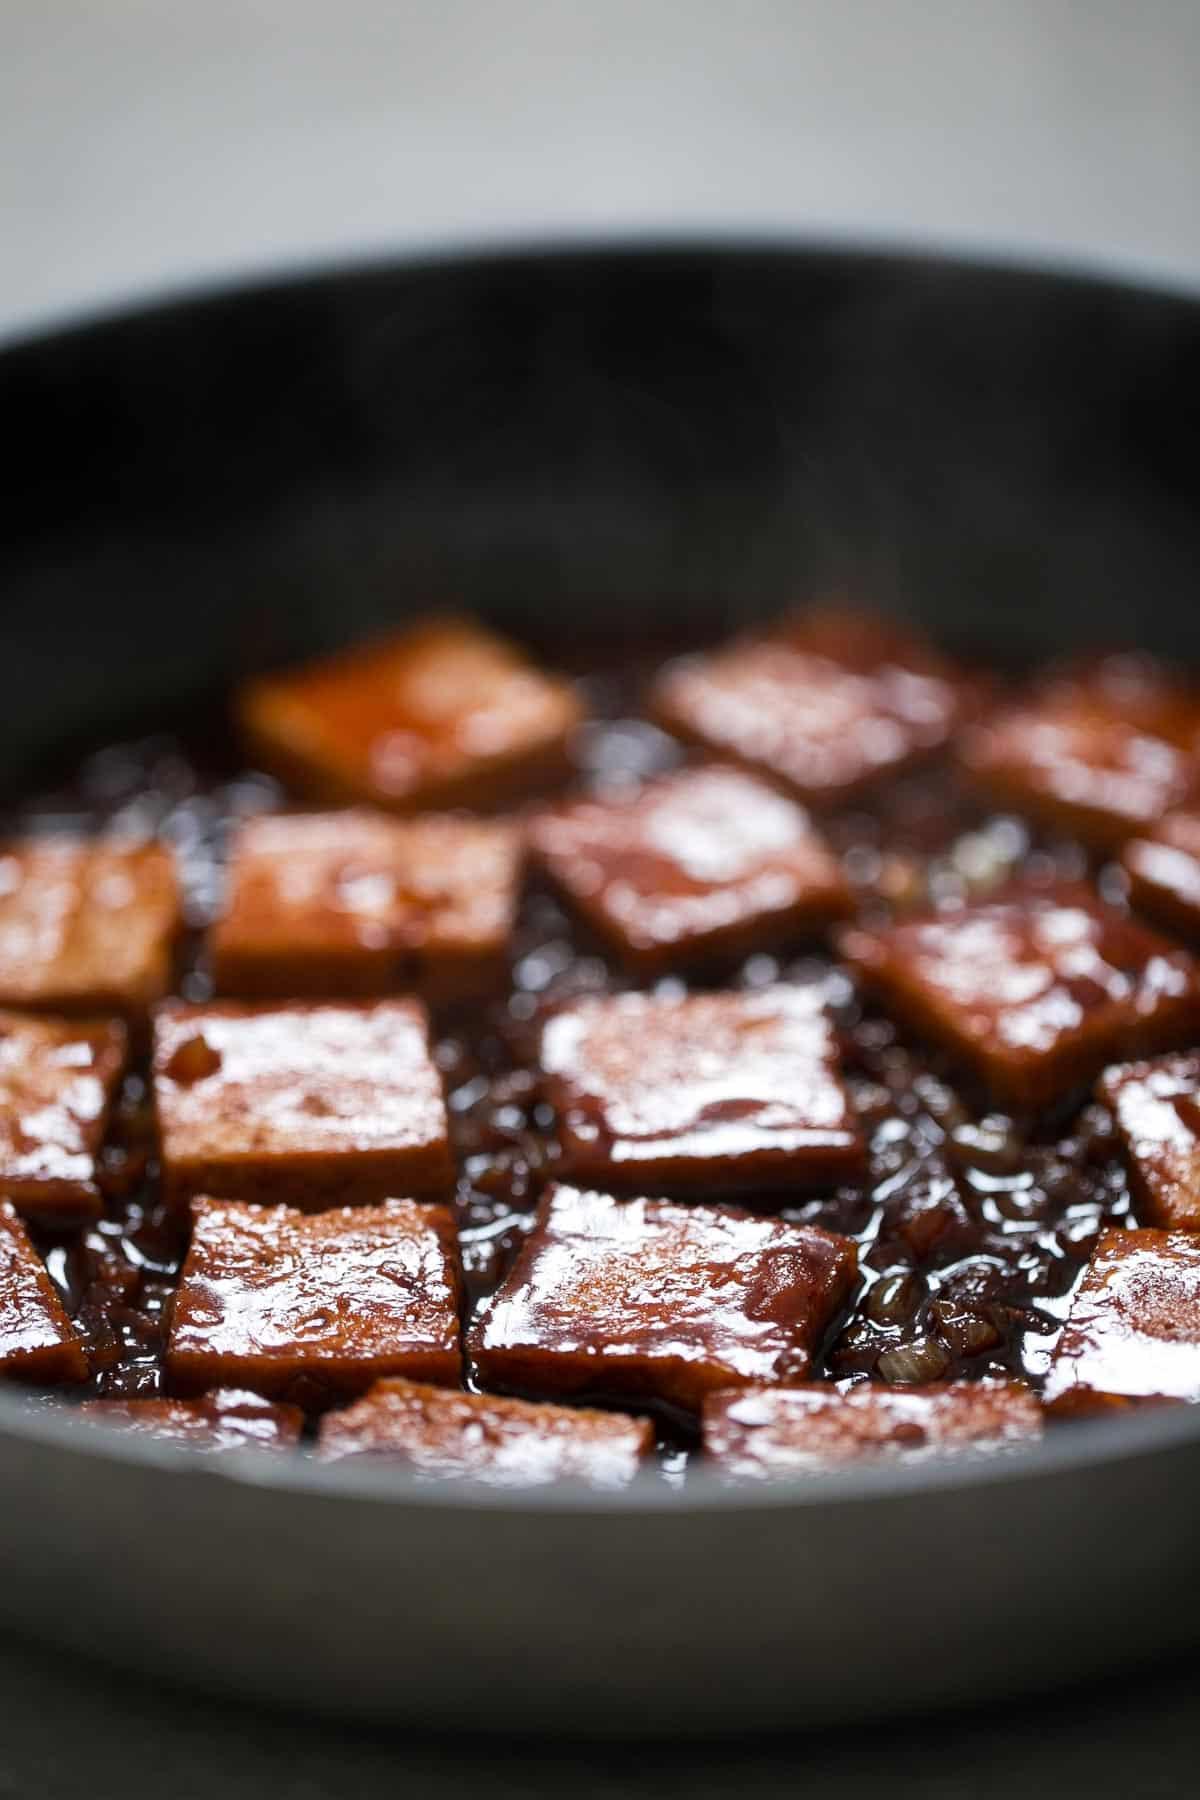 Tofu Picante Estilo Coreano. - La cocina coreana es una de mis preferidas y este tofu picante es una receta de 10. Es muy sencilla y está riquísima con una guarnición de arroz y verduras.